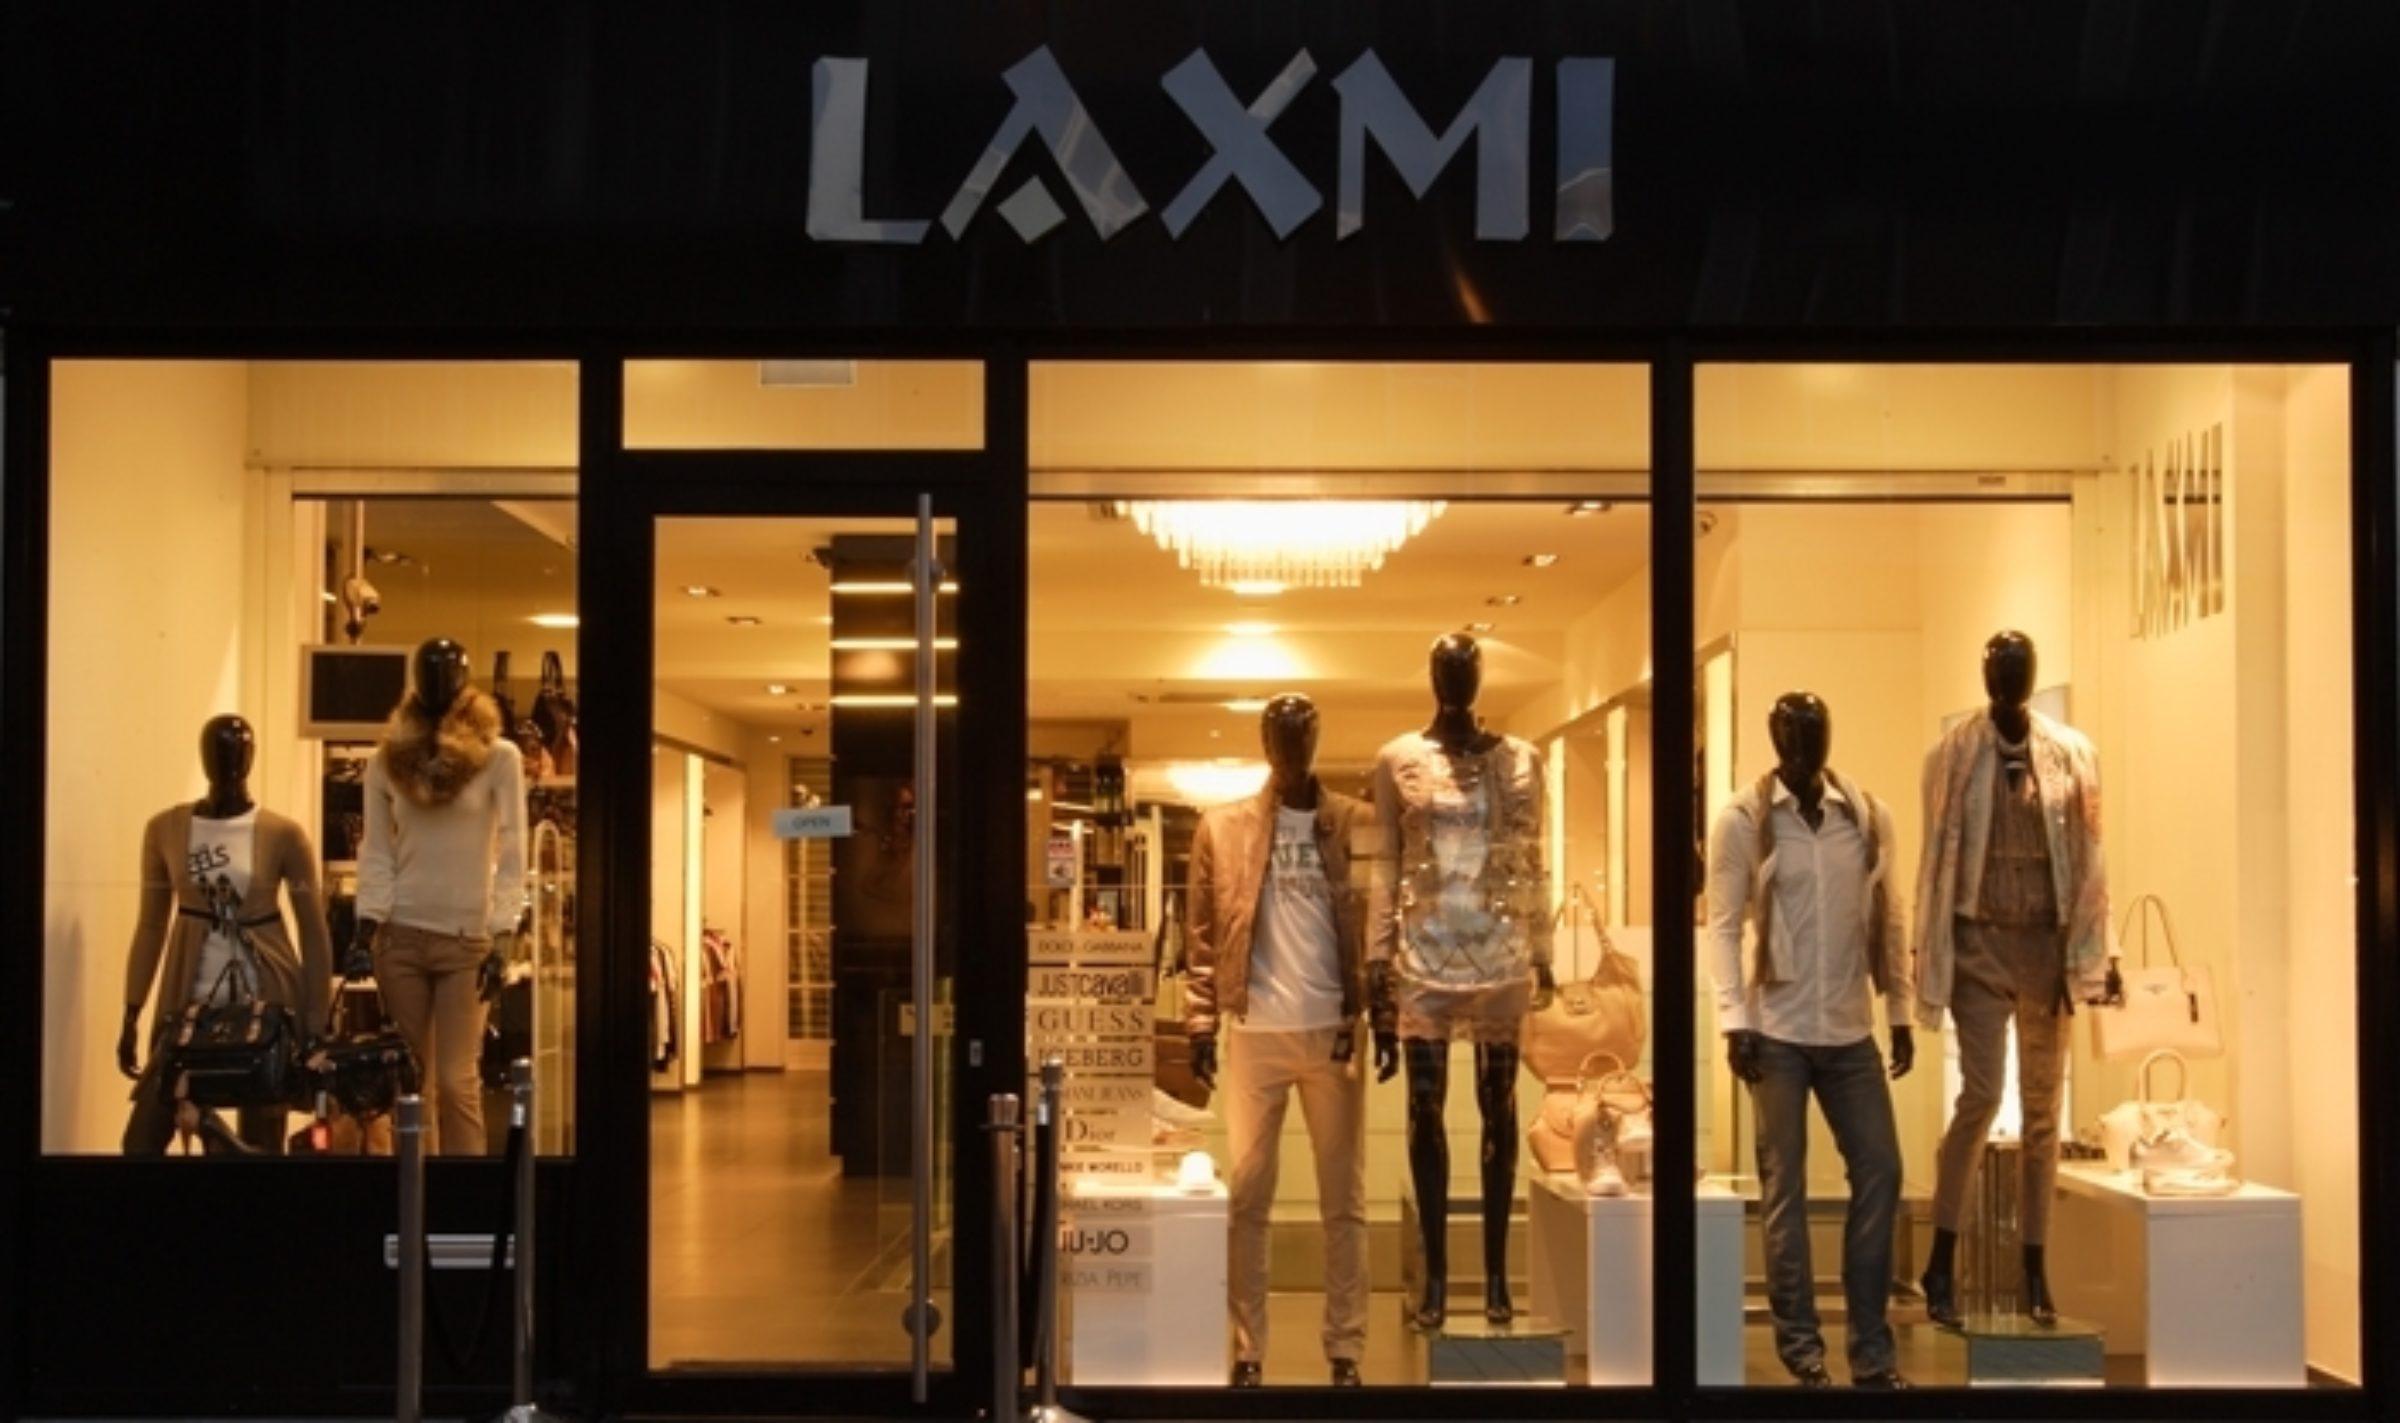 Laxmi enschede